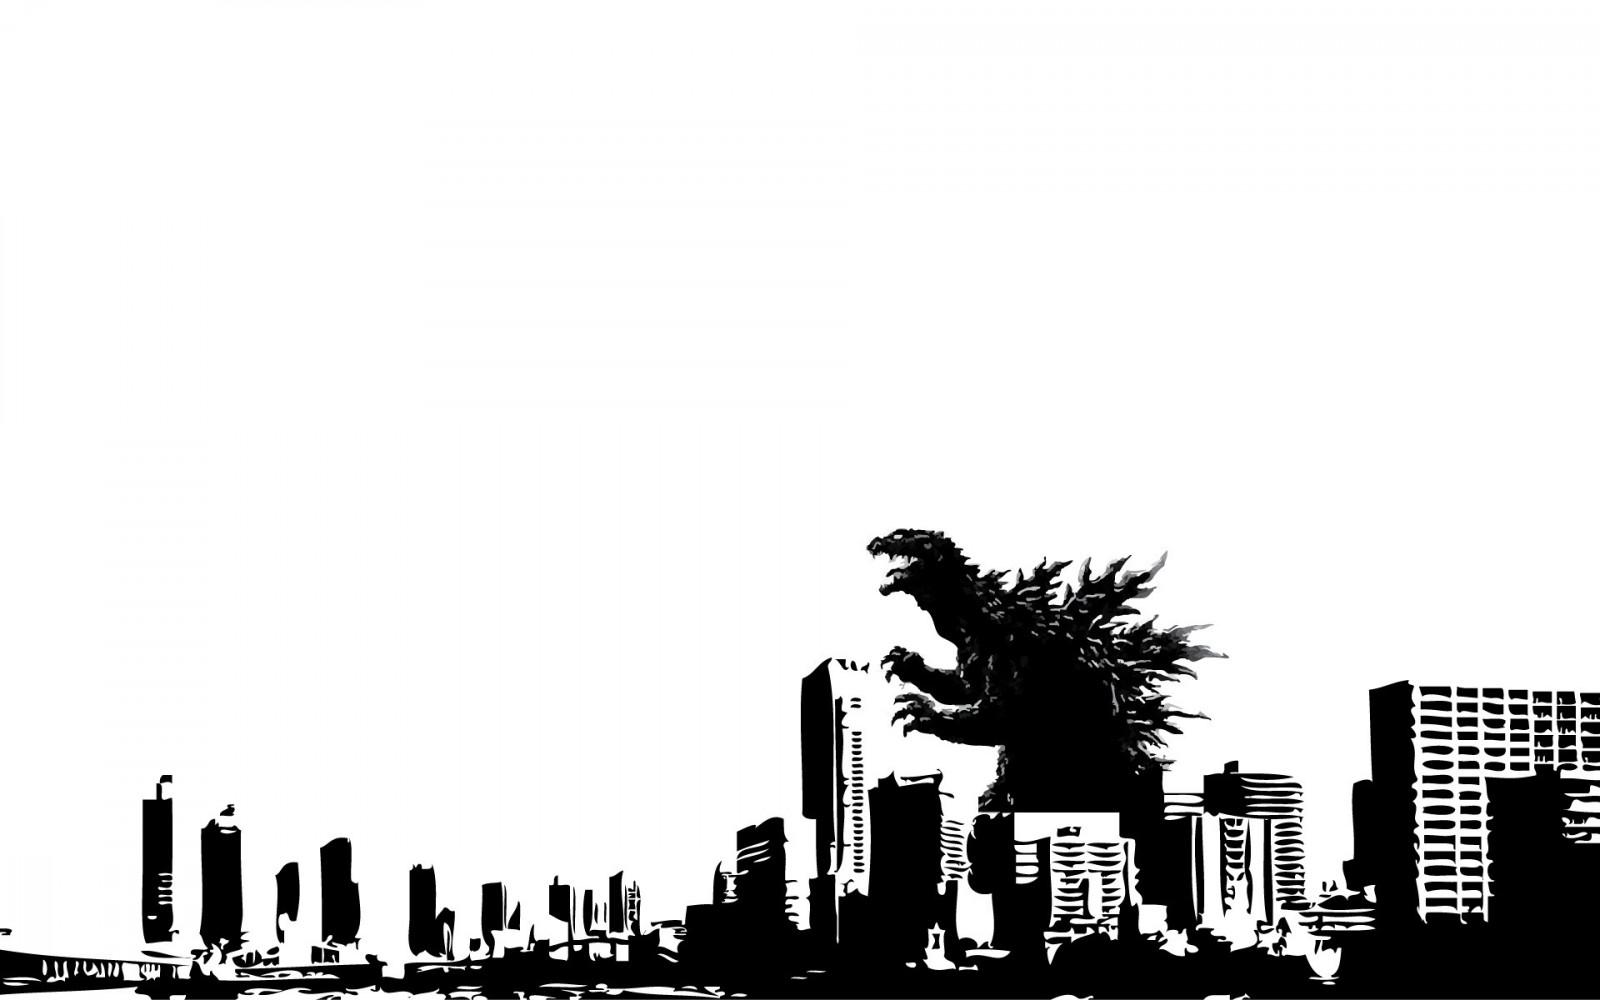 白黒のゴジラ壁紙